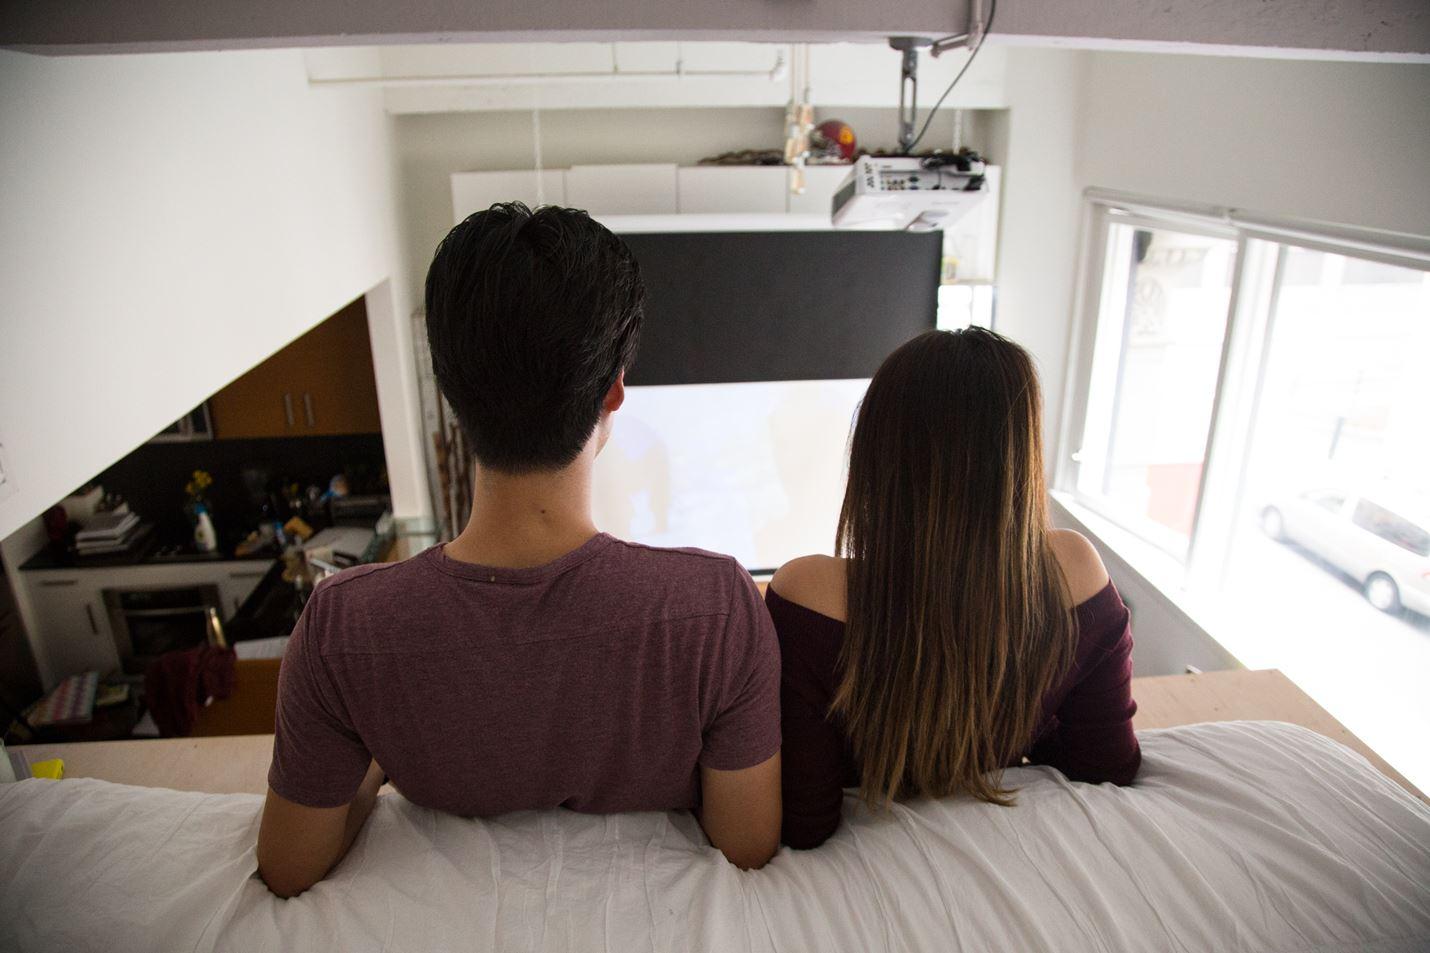 В противоположной части комнаты установлен экран медиа проектора.